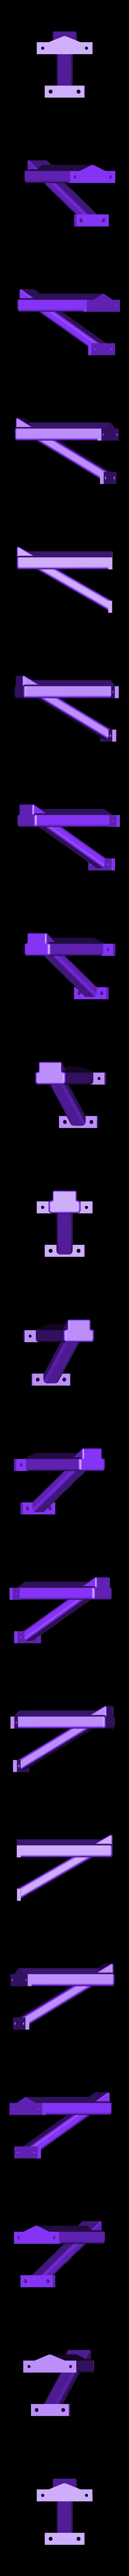 boardmount_bottom.STL Télécharger fichier STL gratuit Support mural pour planche de surf - Support avant coulissant pour un accès rapide • Design pour impression 3D, csigshoj